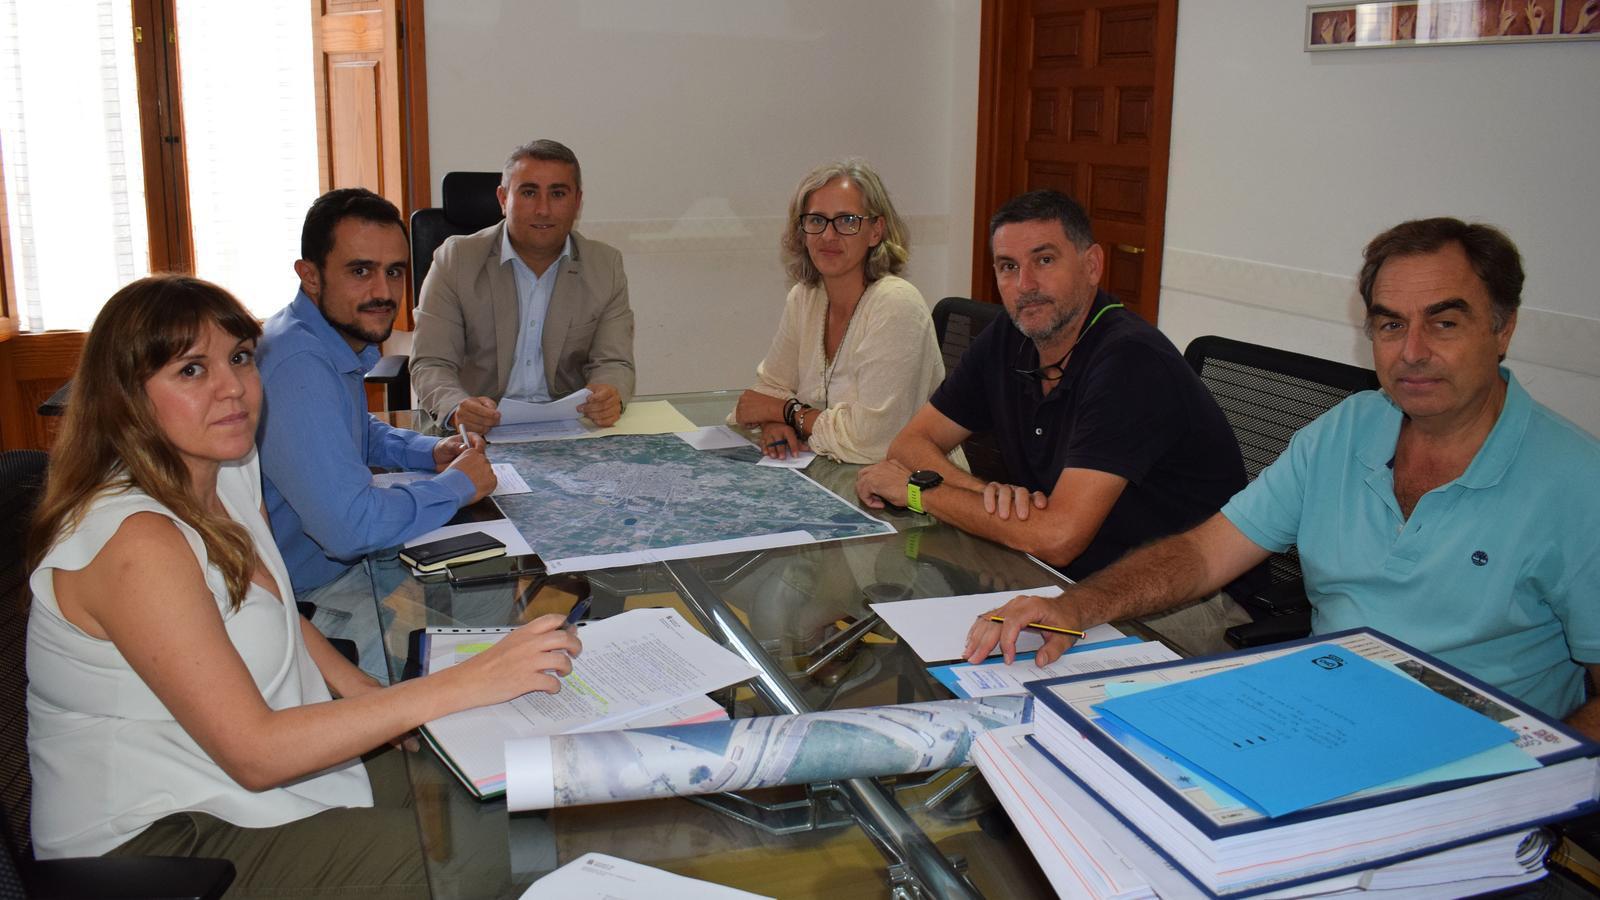 Membres del govern municipal i del Consell revisen el projecte de la Ronda.